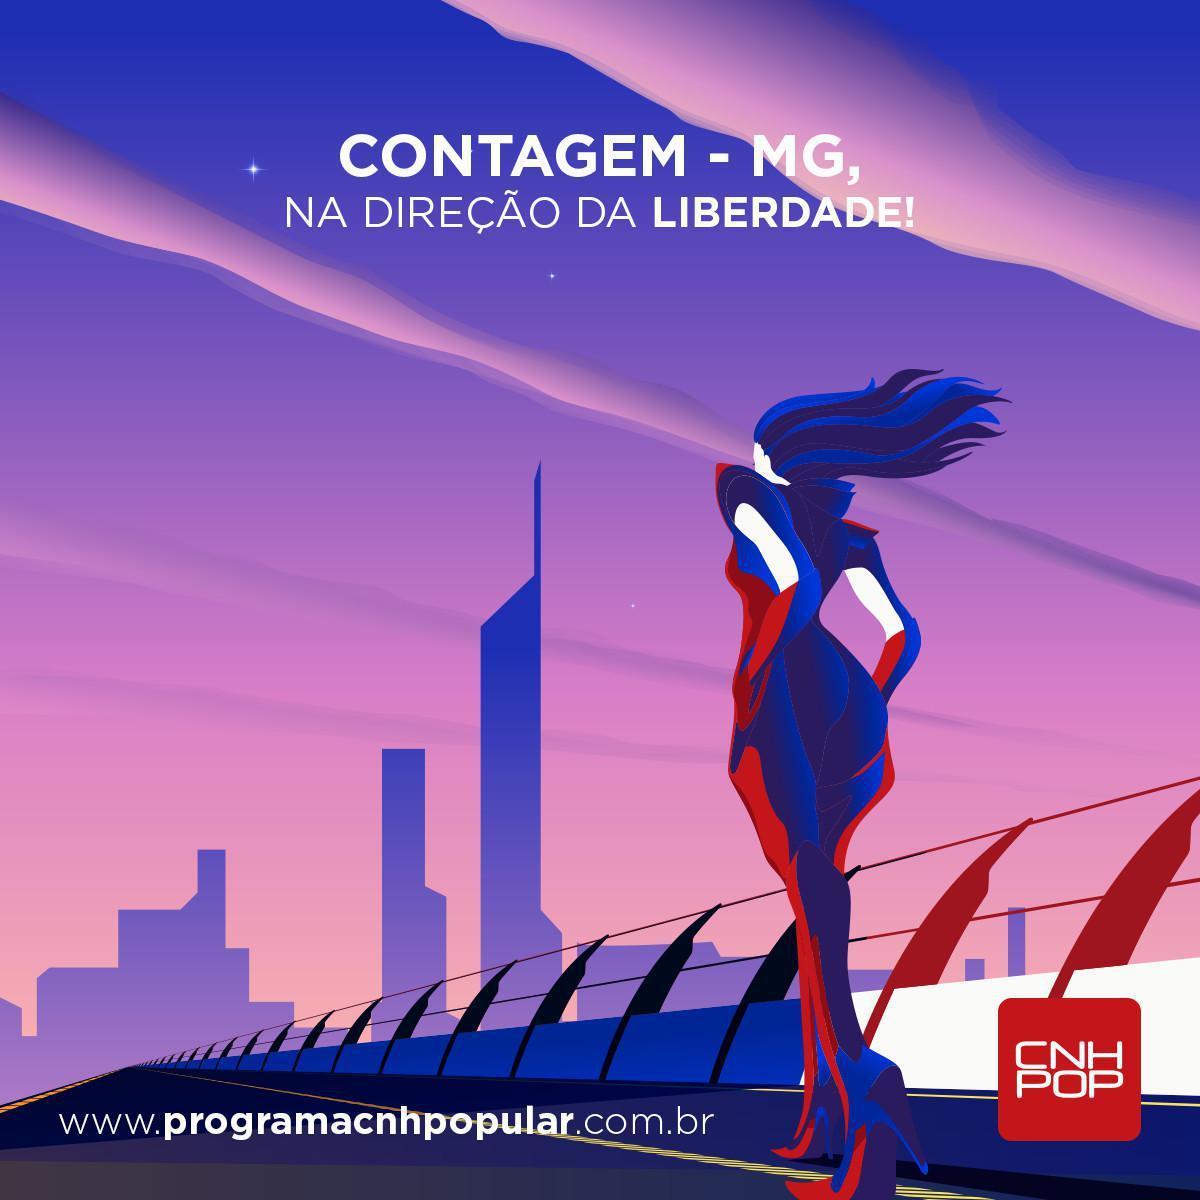 AMANHÃ, ÚLTIMO DIA DE MATRÍCULAS CONTAGEM!